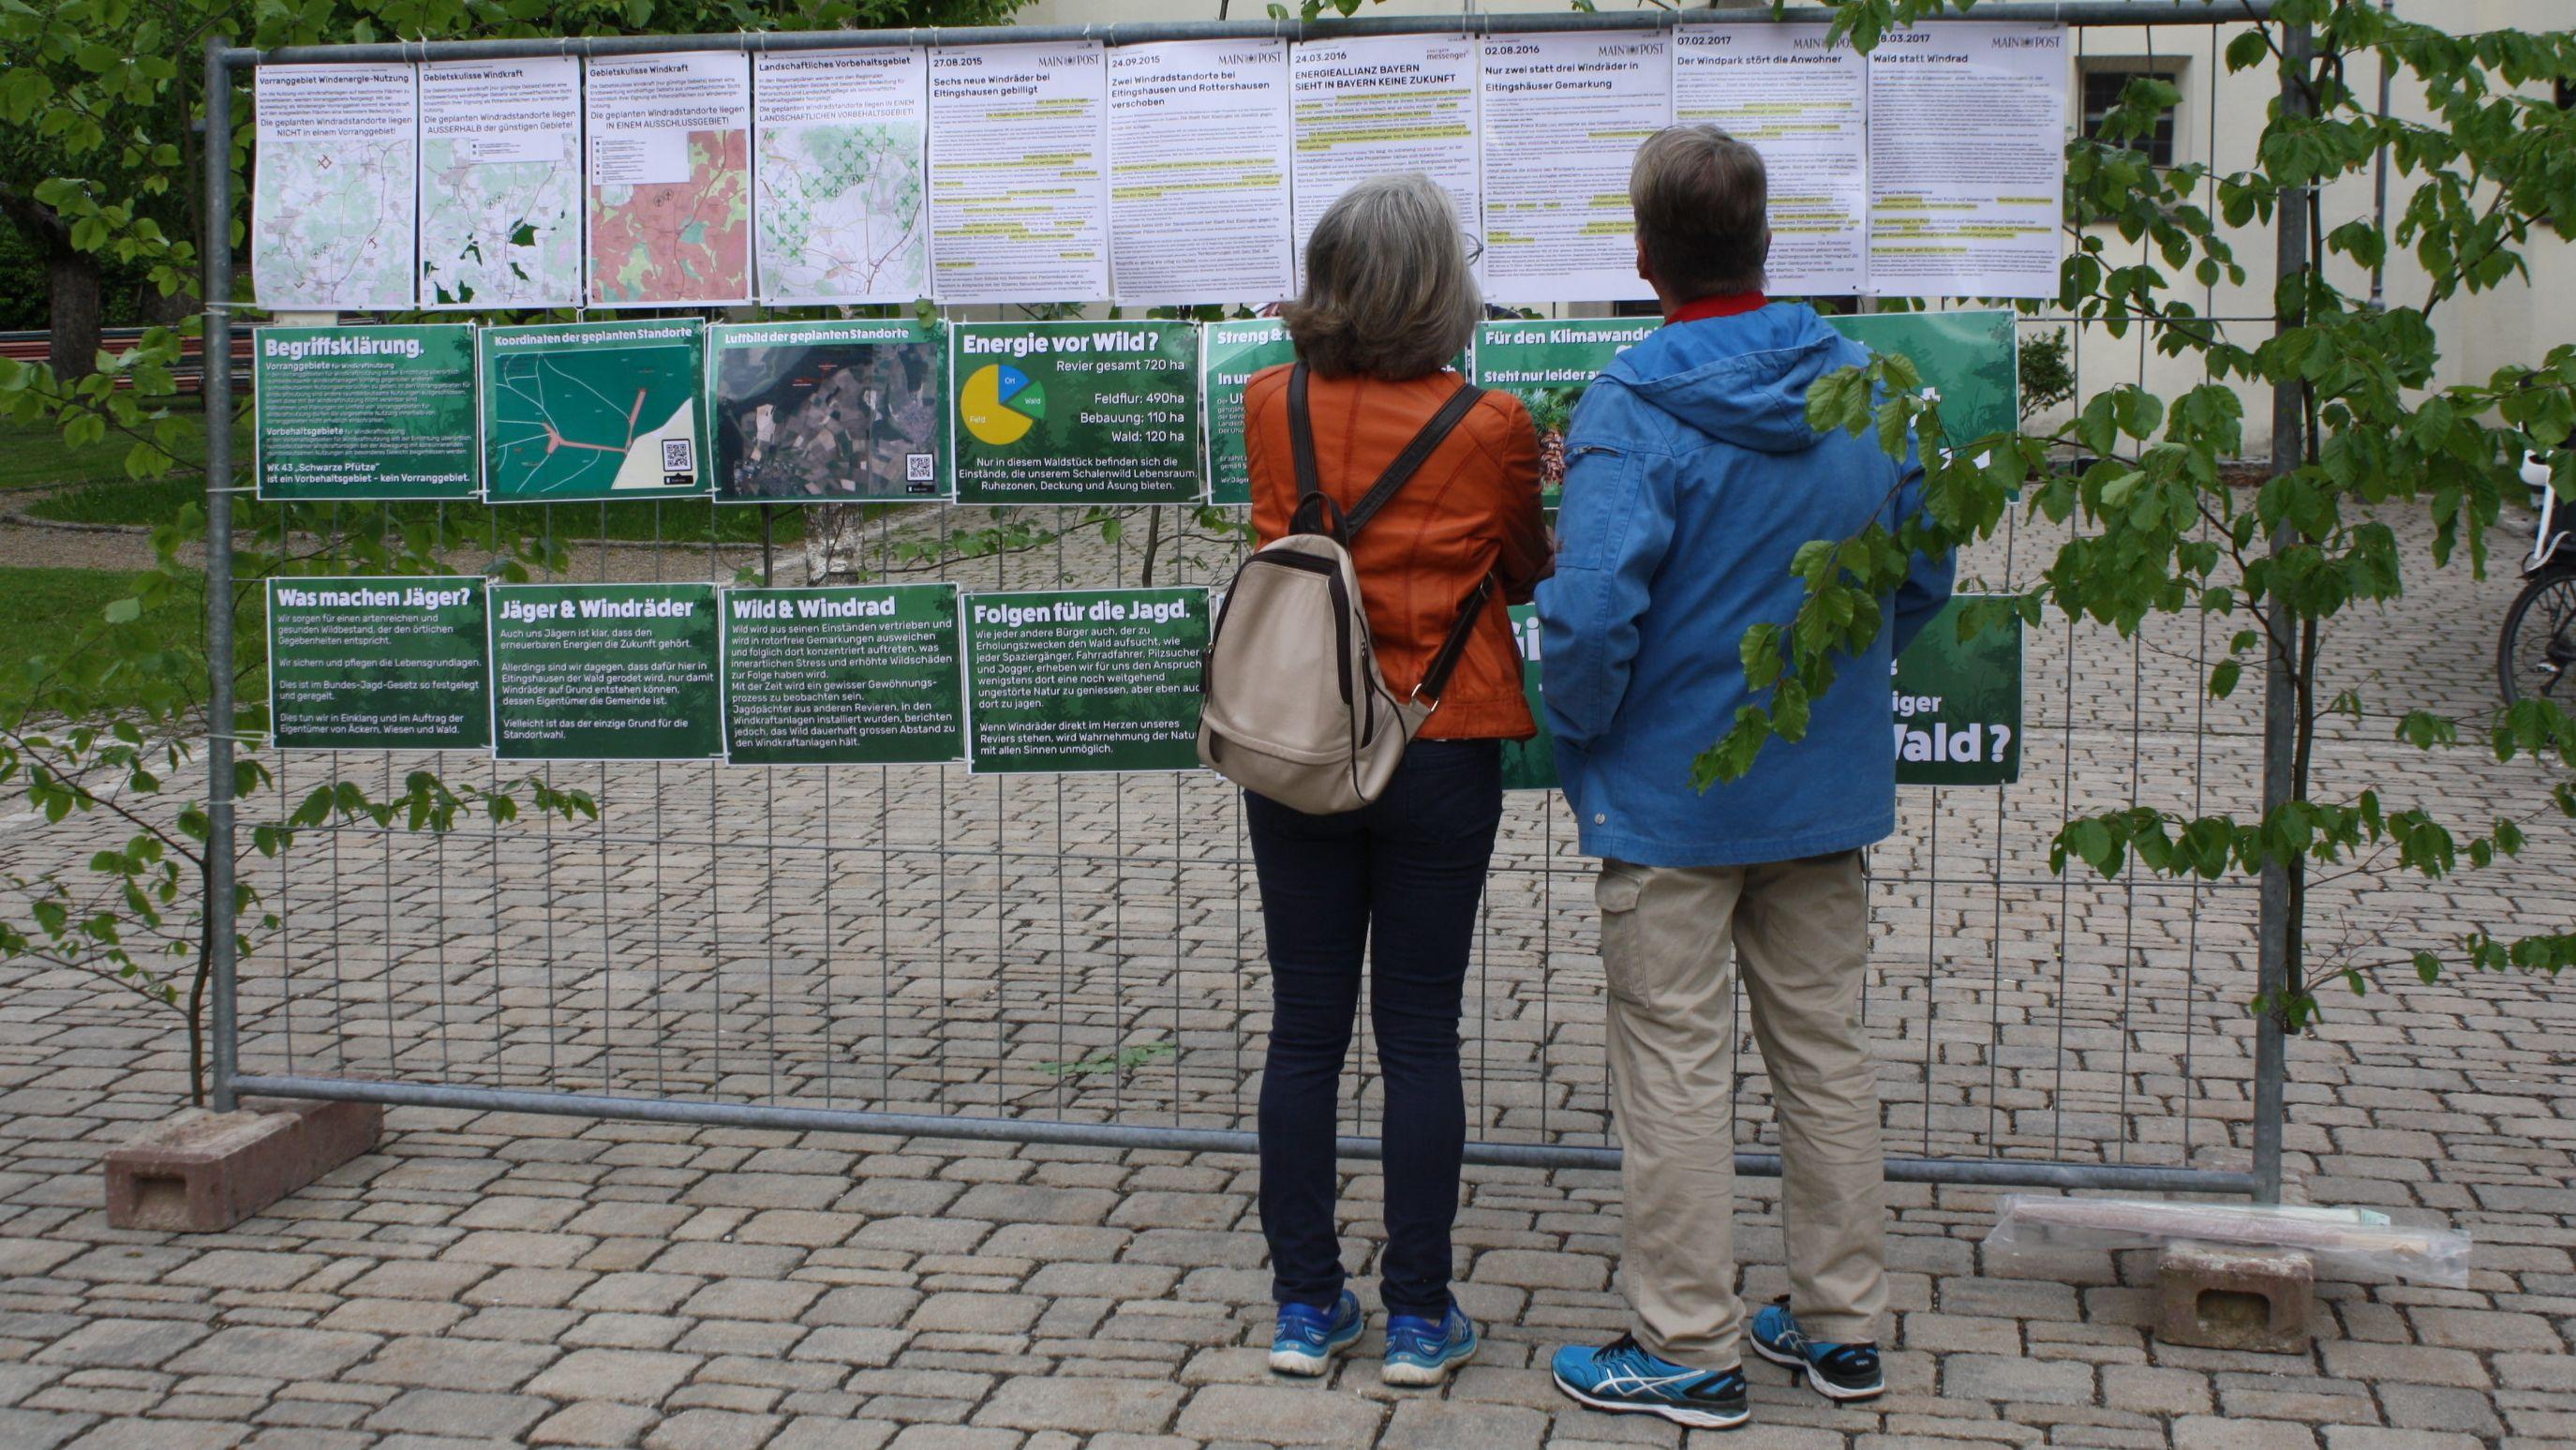 Bürger aus Eltingshausen studieren Planungen zum Bau von zwei Windrädern.